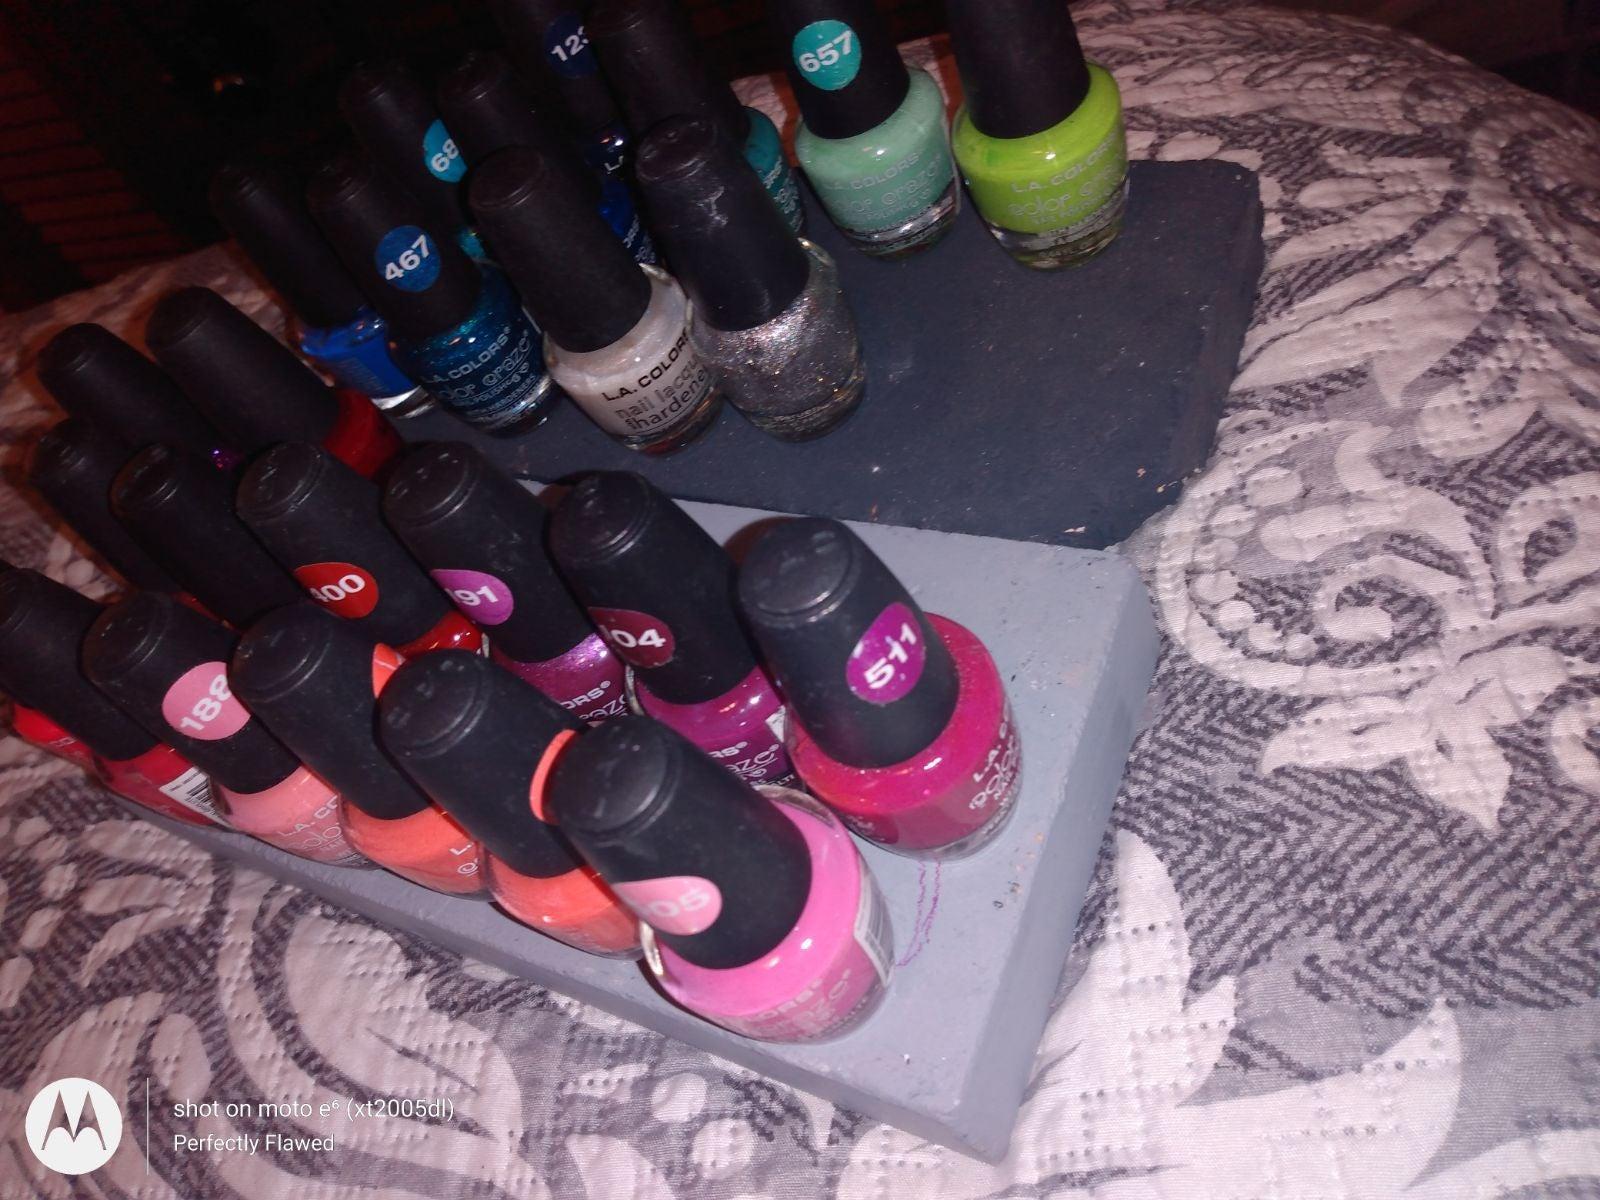 24 to 30 Nail polish colors LOT